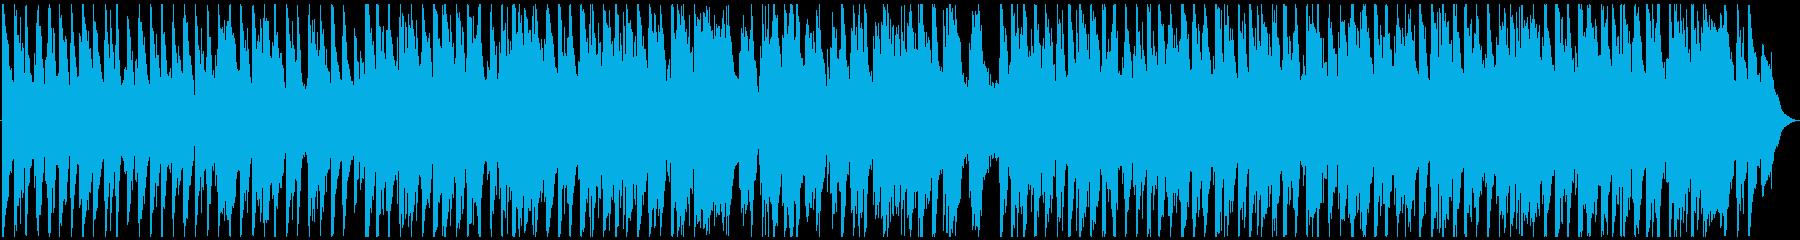 感動・温かみ・癒し 優しいアコギソロの再生済みの波形